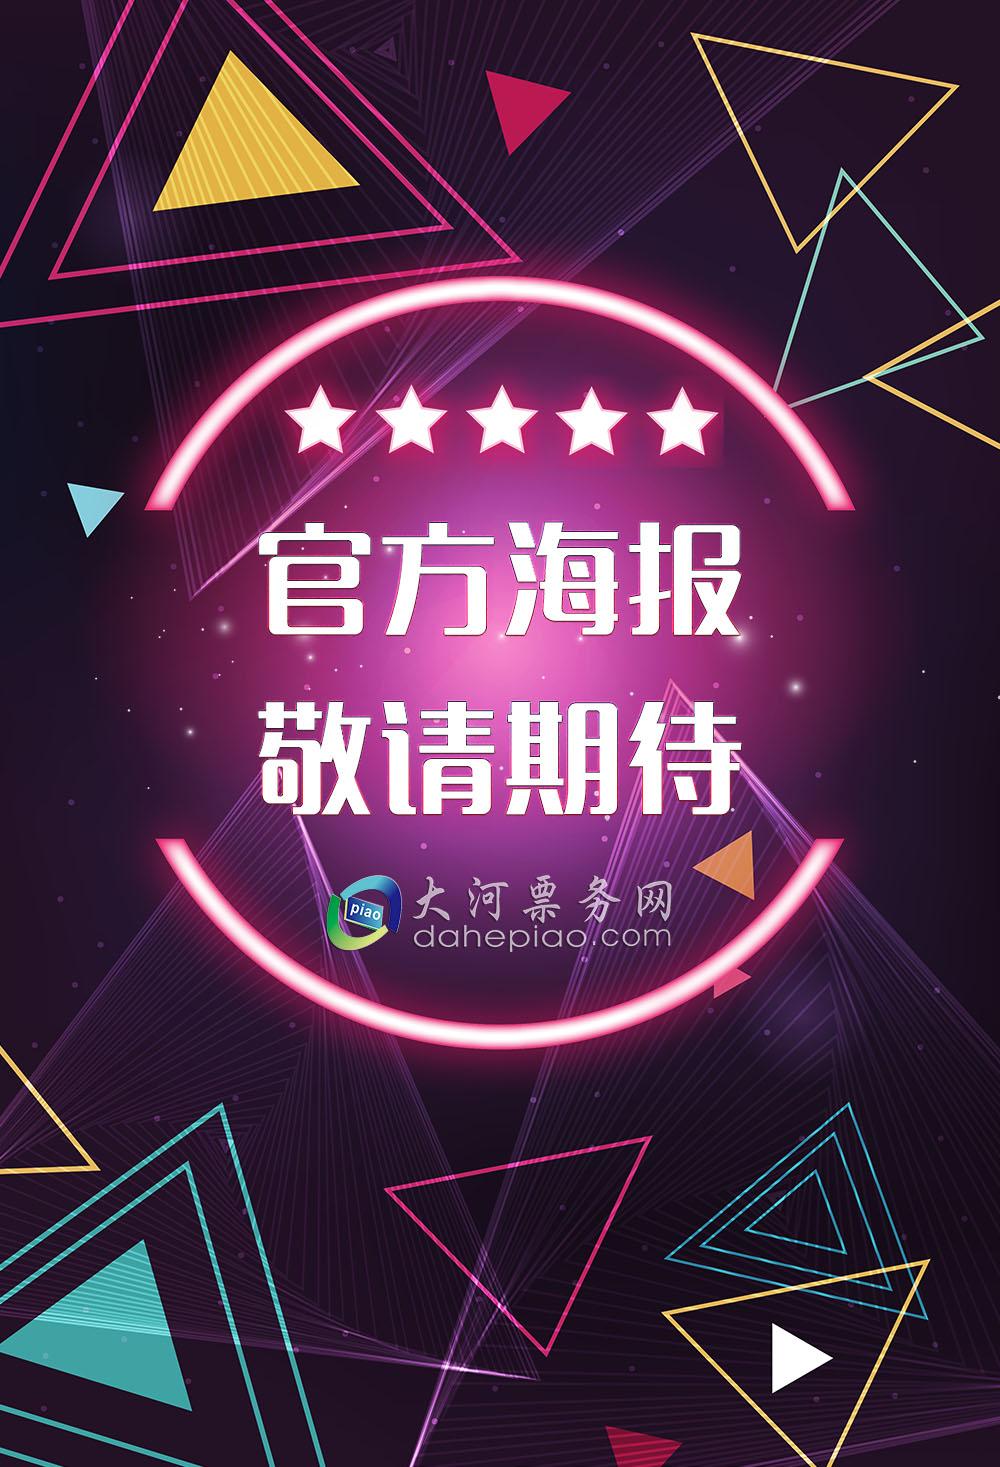 泰勒斯威夫特taylor swift上海演唱会